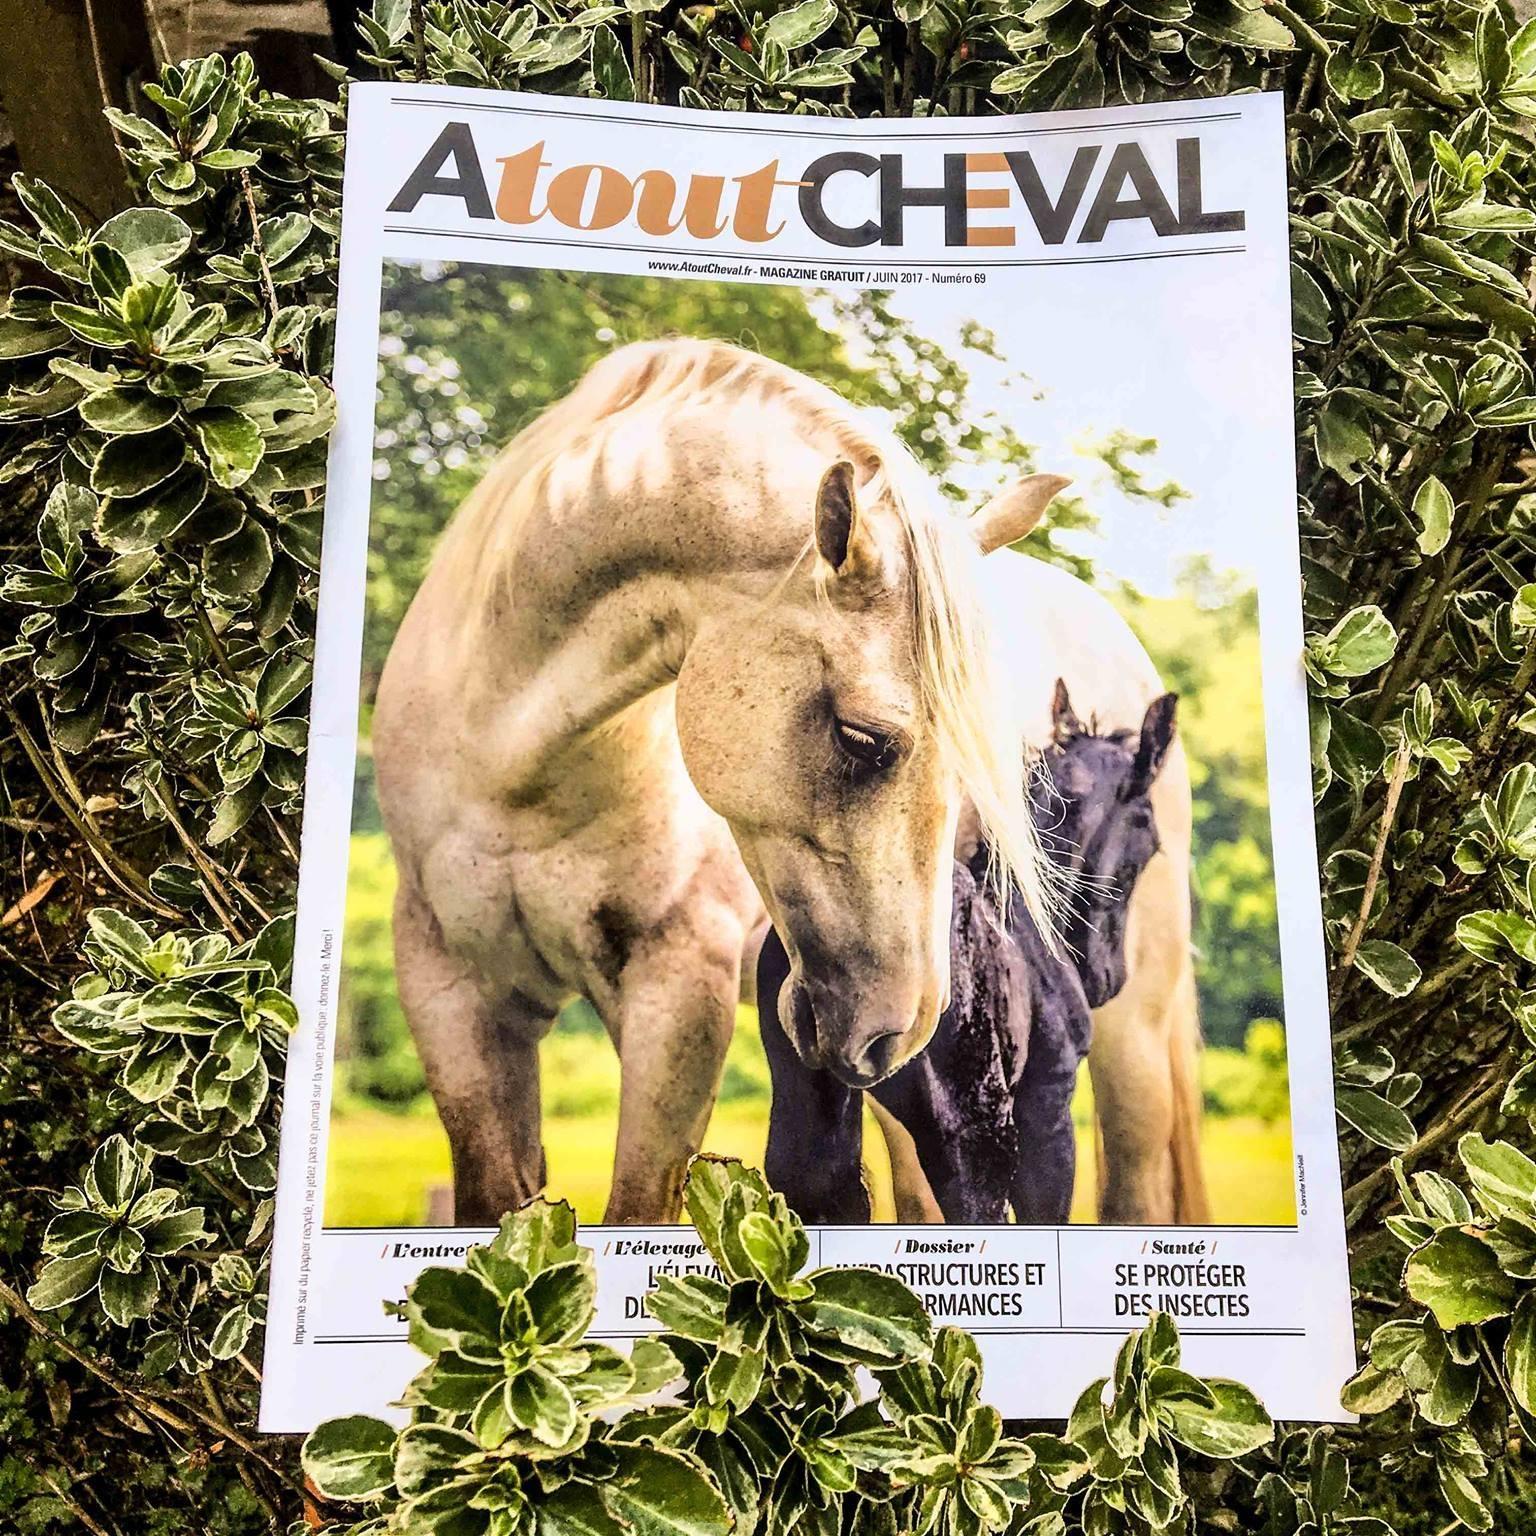 atout cheval - Atout Cheval - Horse Immo : L'expert immobilier très à cheval